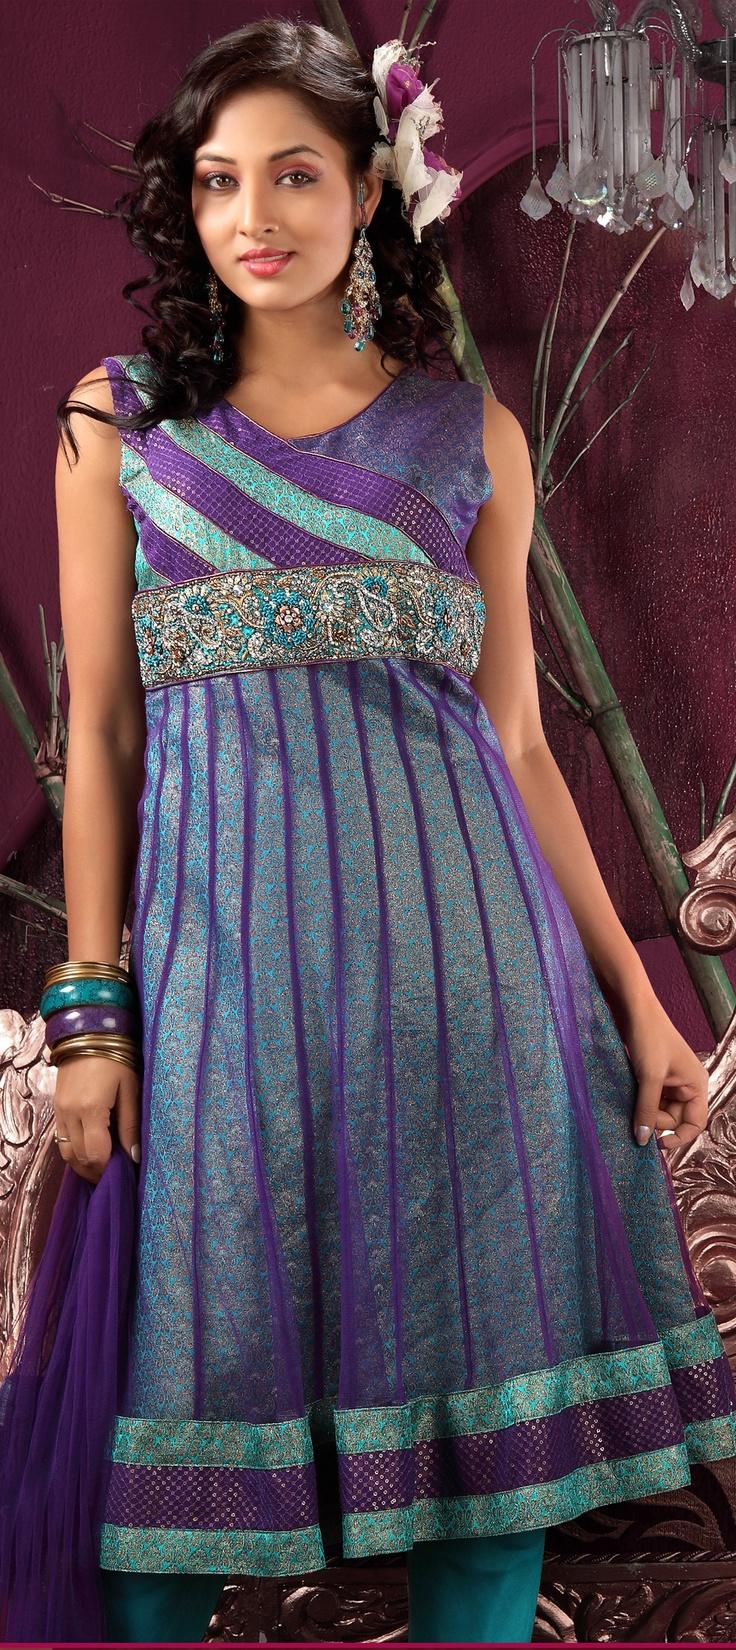 Banarasi, Net, Brocade type fabric in Salwar Kameez Pattern